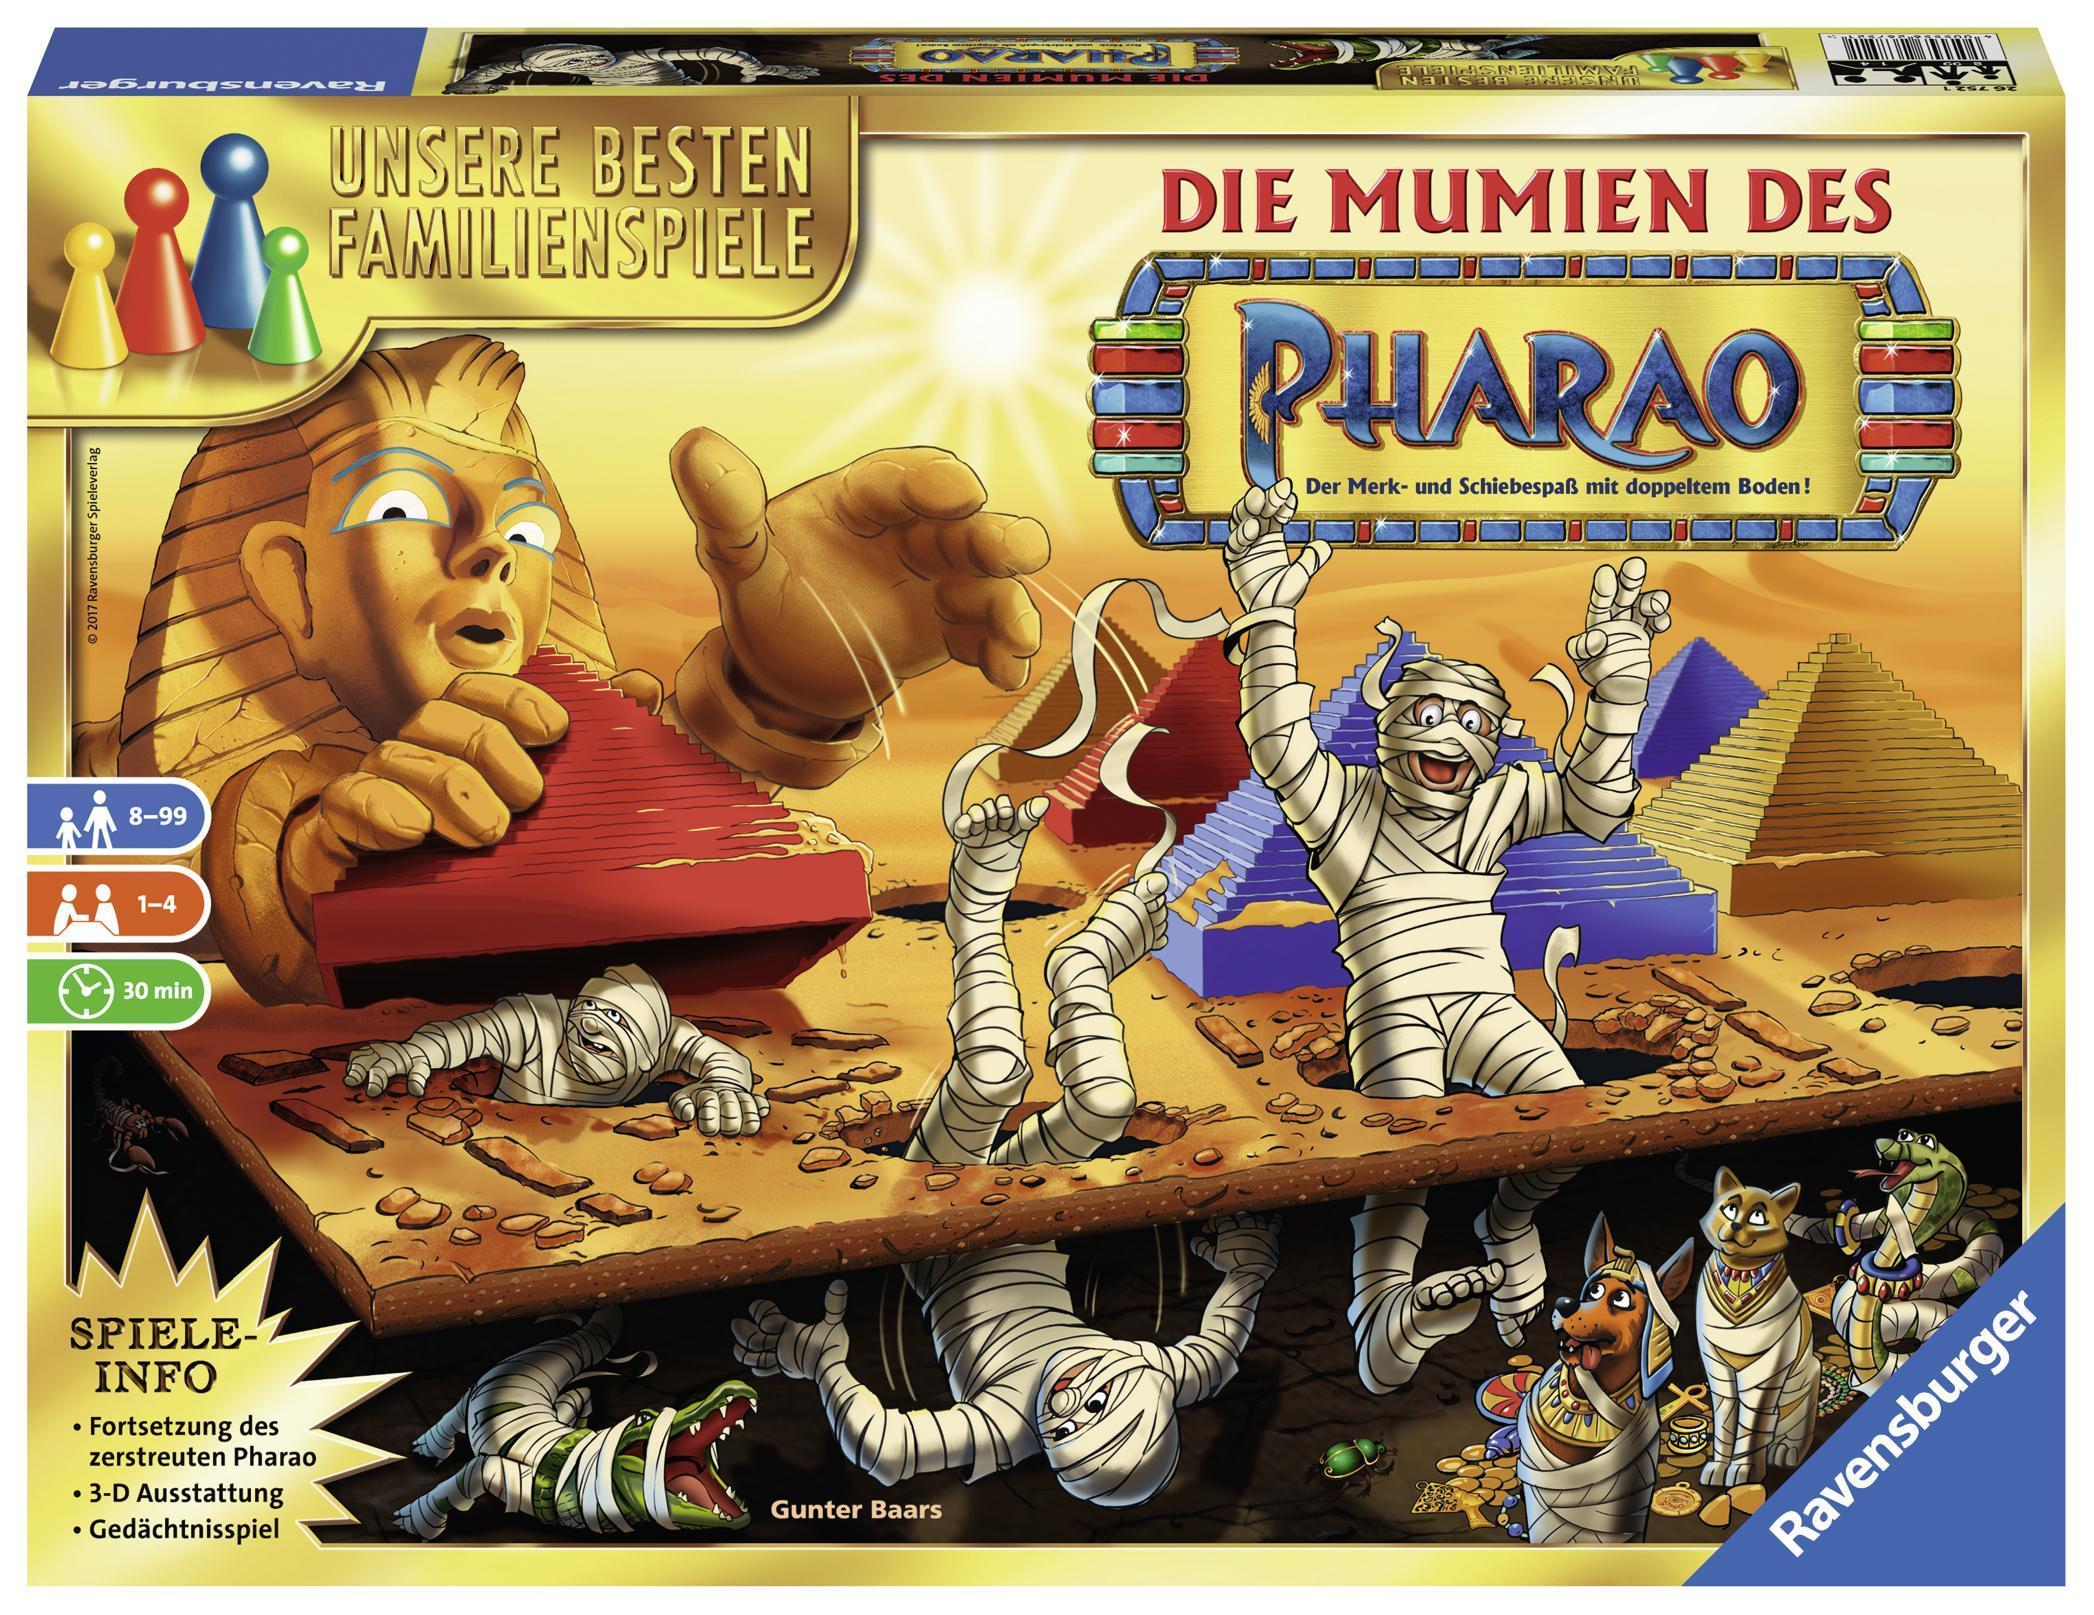 Die Mumien des Pharao